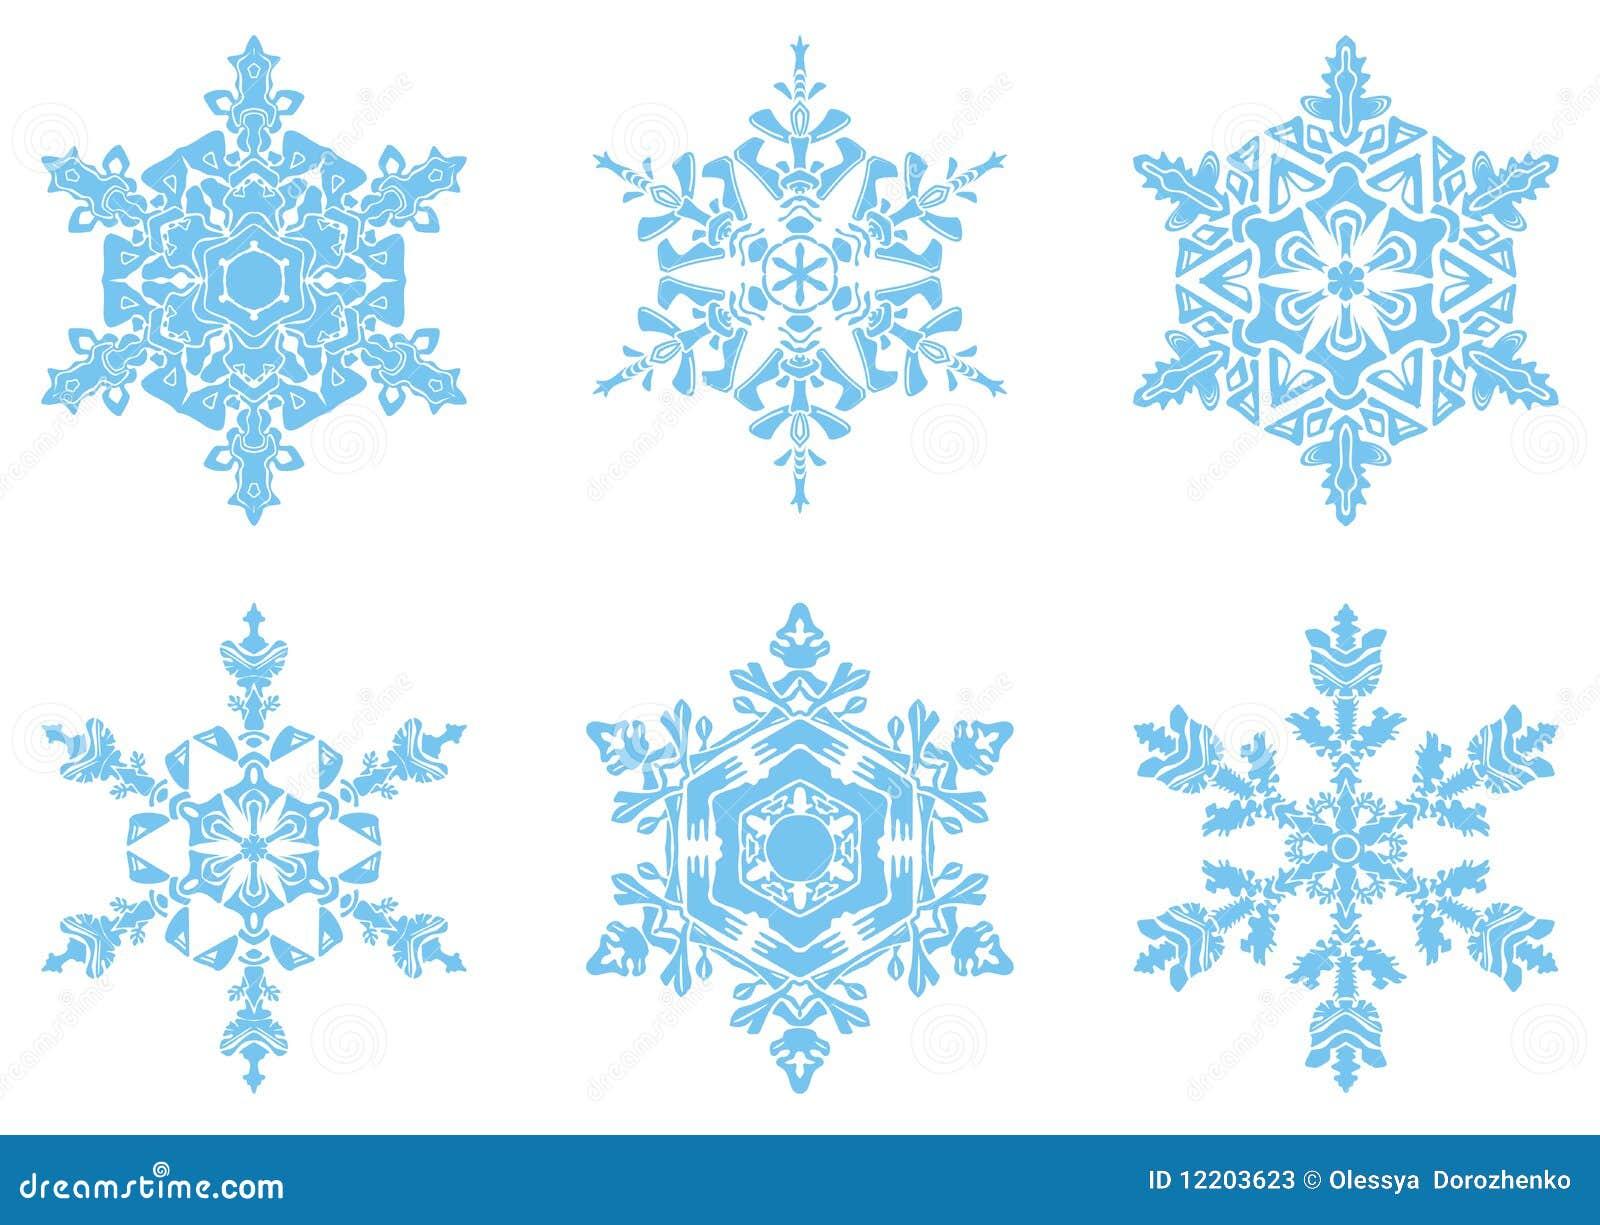 Die anwesenden Schneeflocken